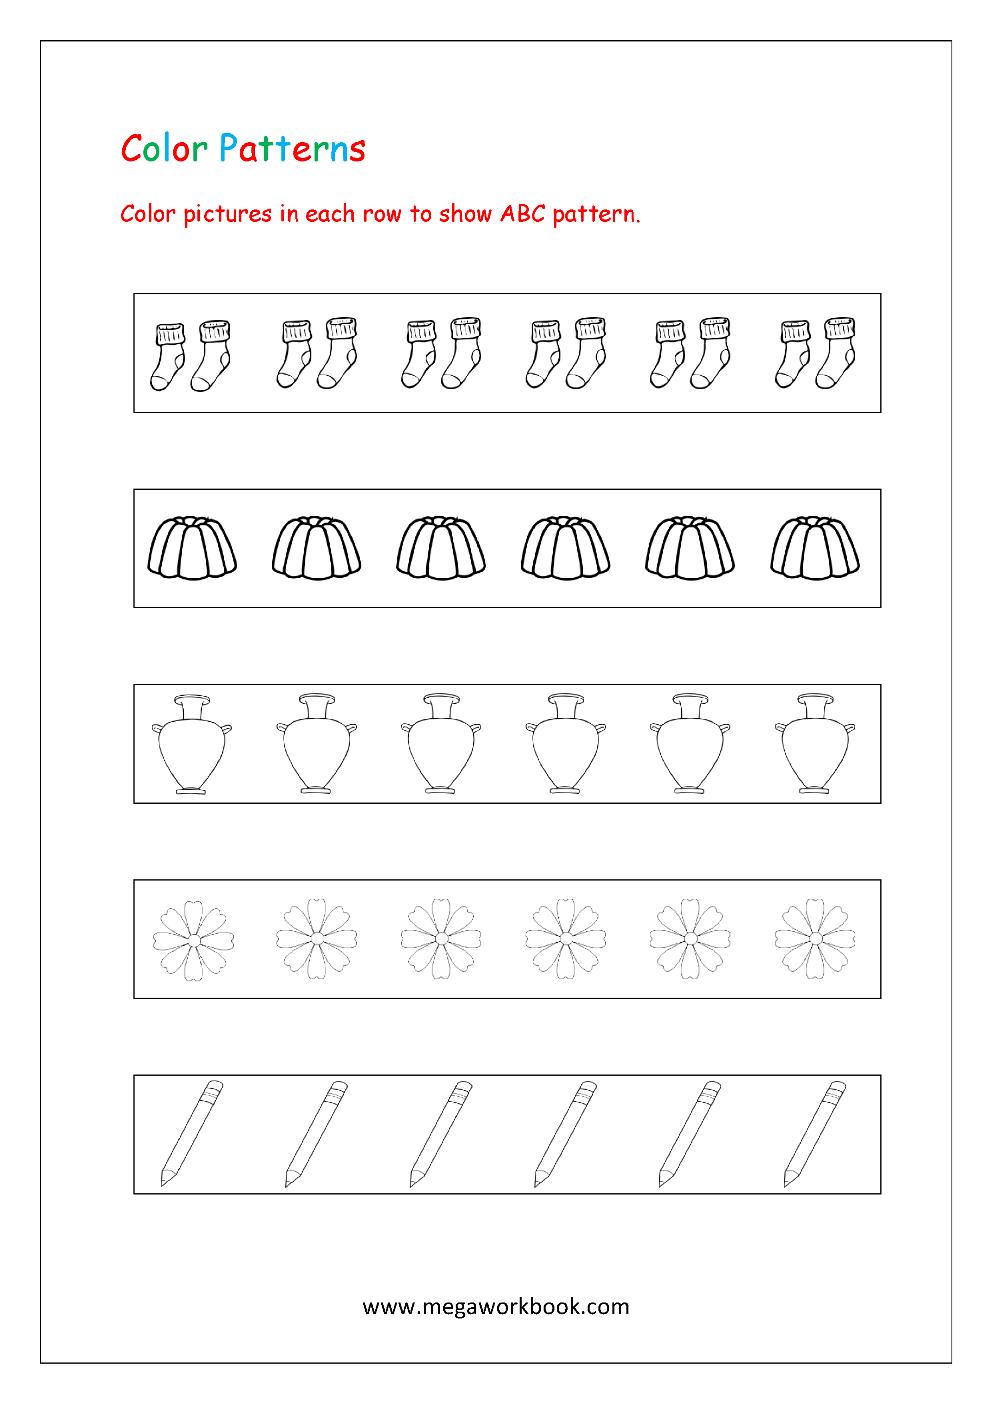 pattern worksheets for kindergarten color patterns growing patterns decreasing patterns. Black Bedroom Furniture Sets. Home Design Ideas